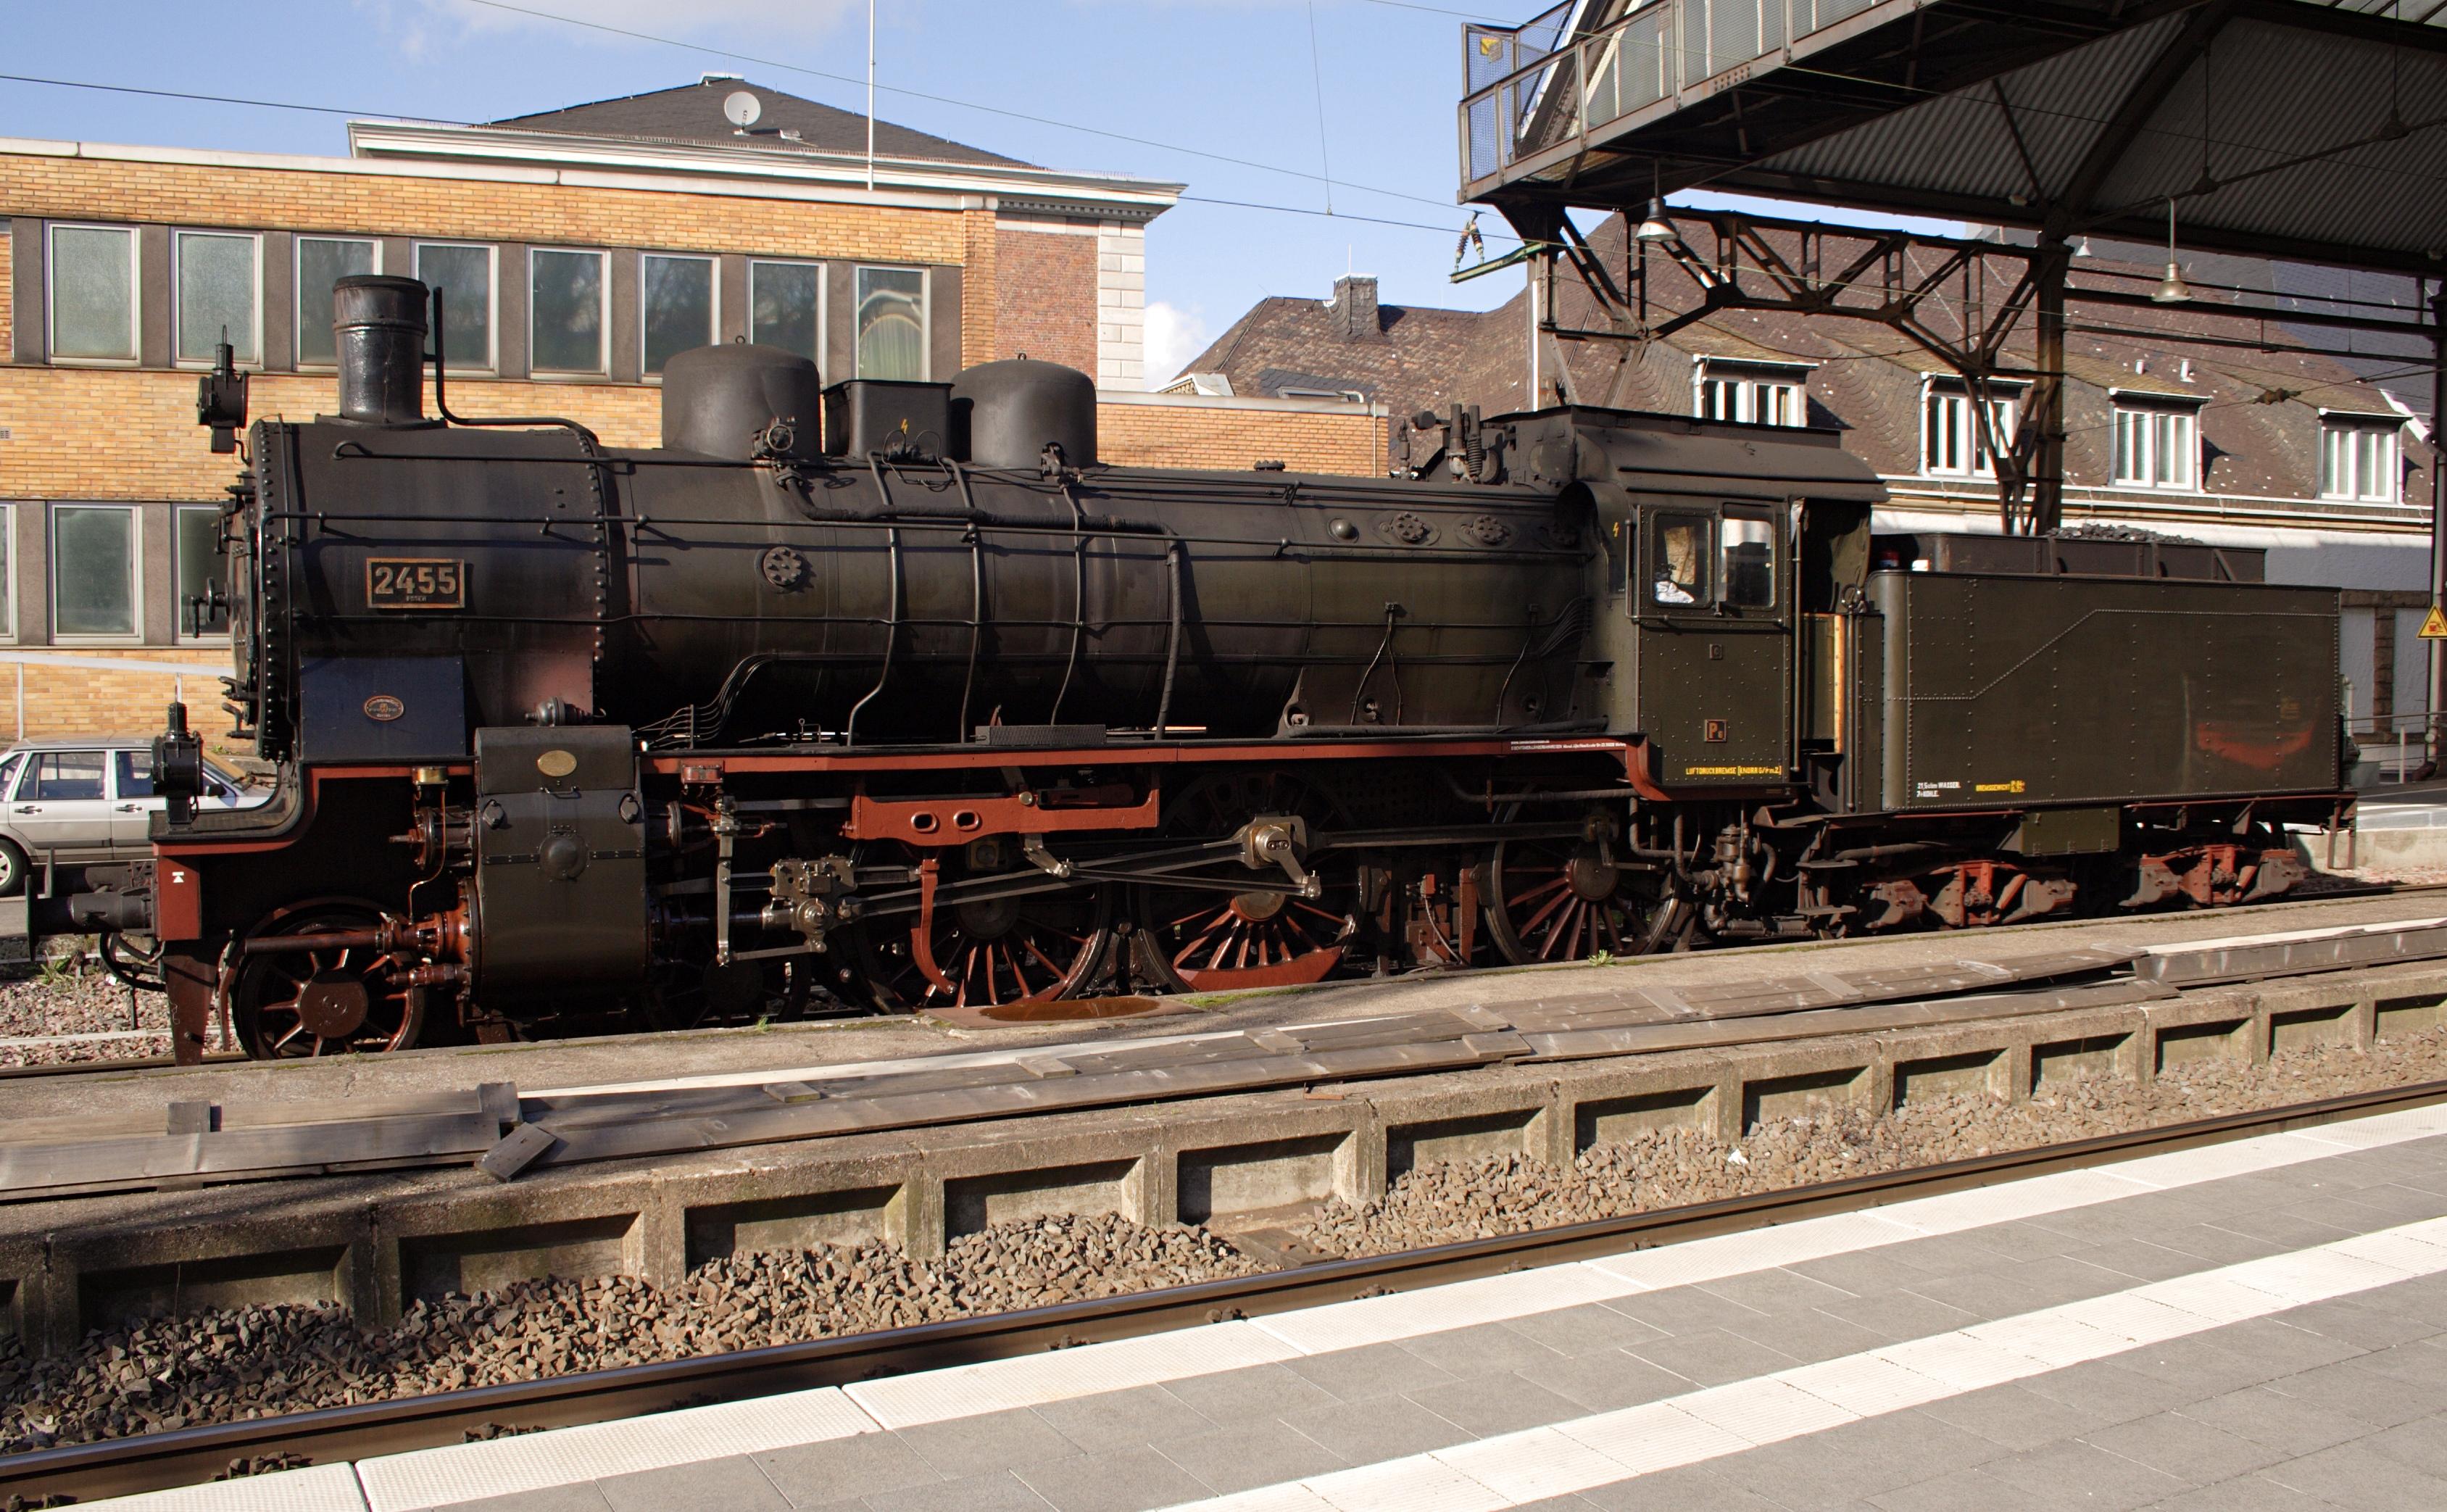 File:Preußische P8 2455 (Zug der Erinnerung).jpg